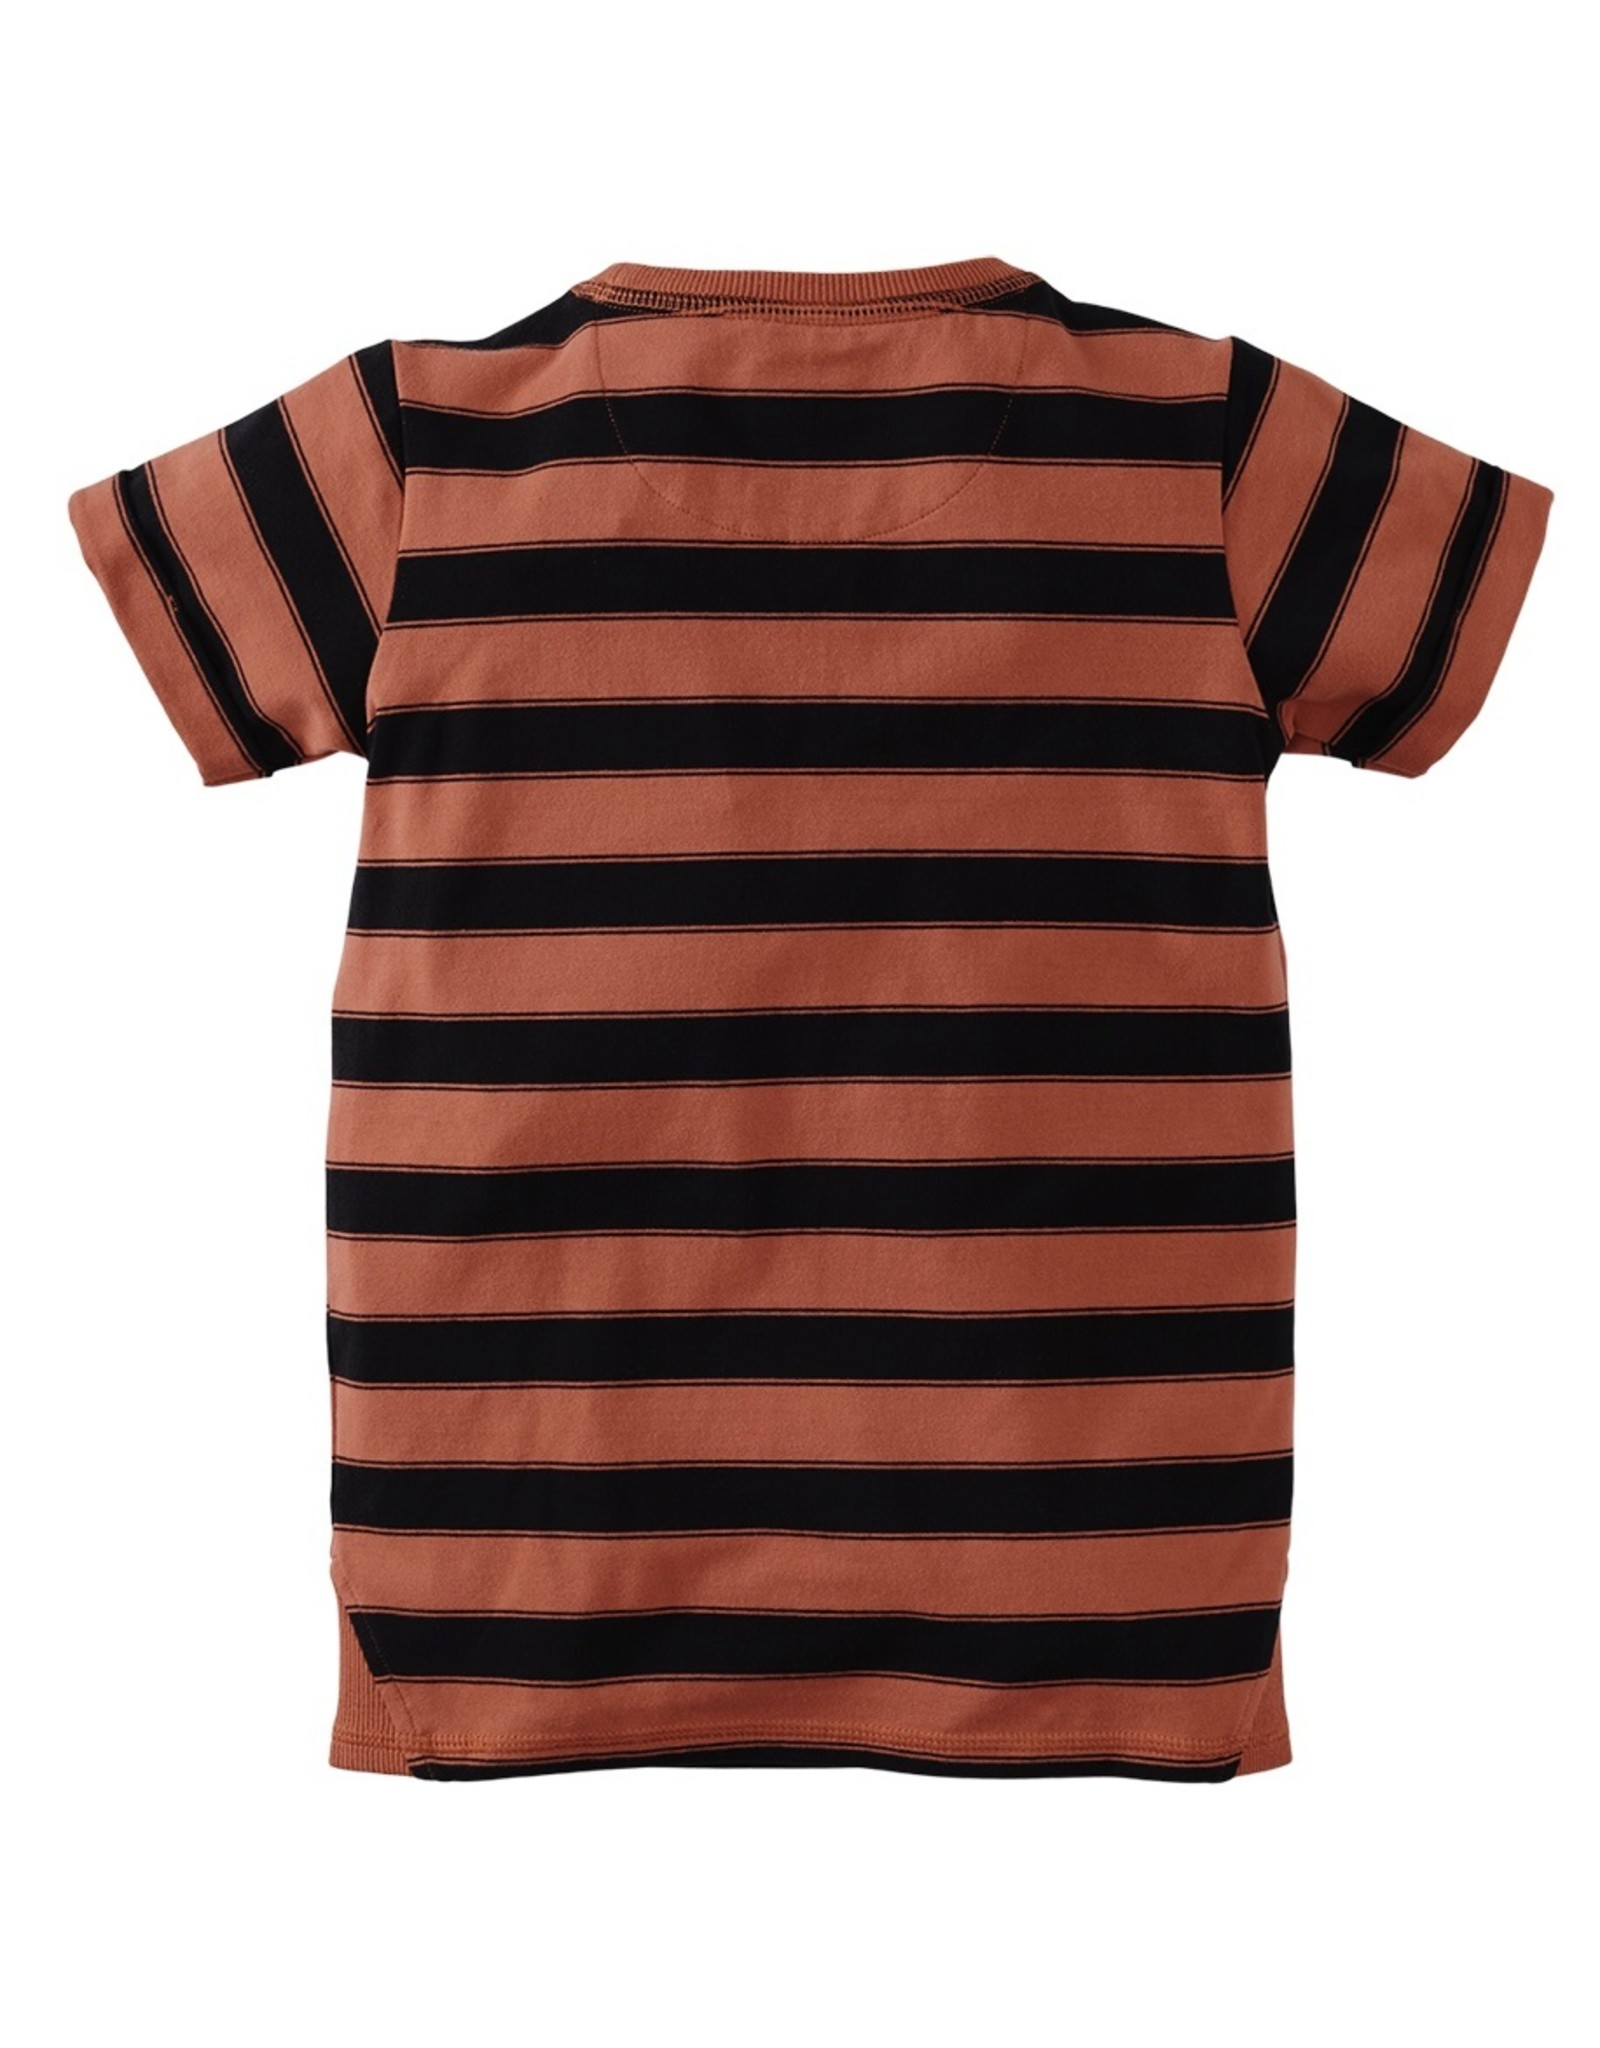 Z8 Alec T-Shirt